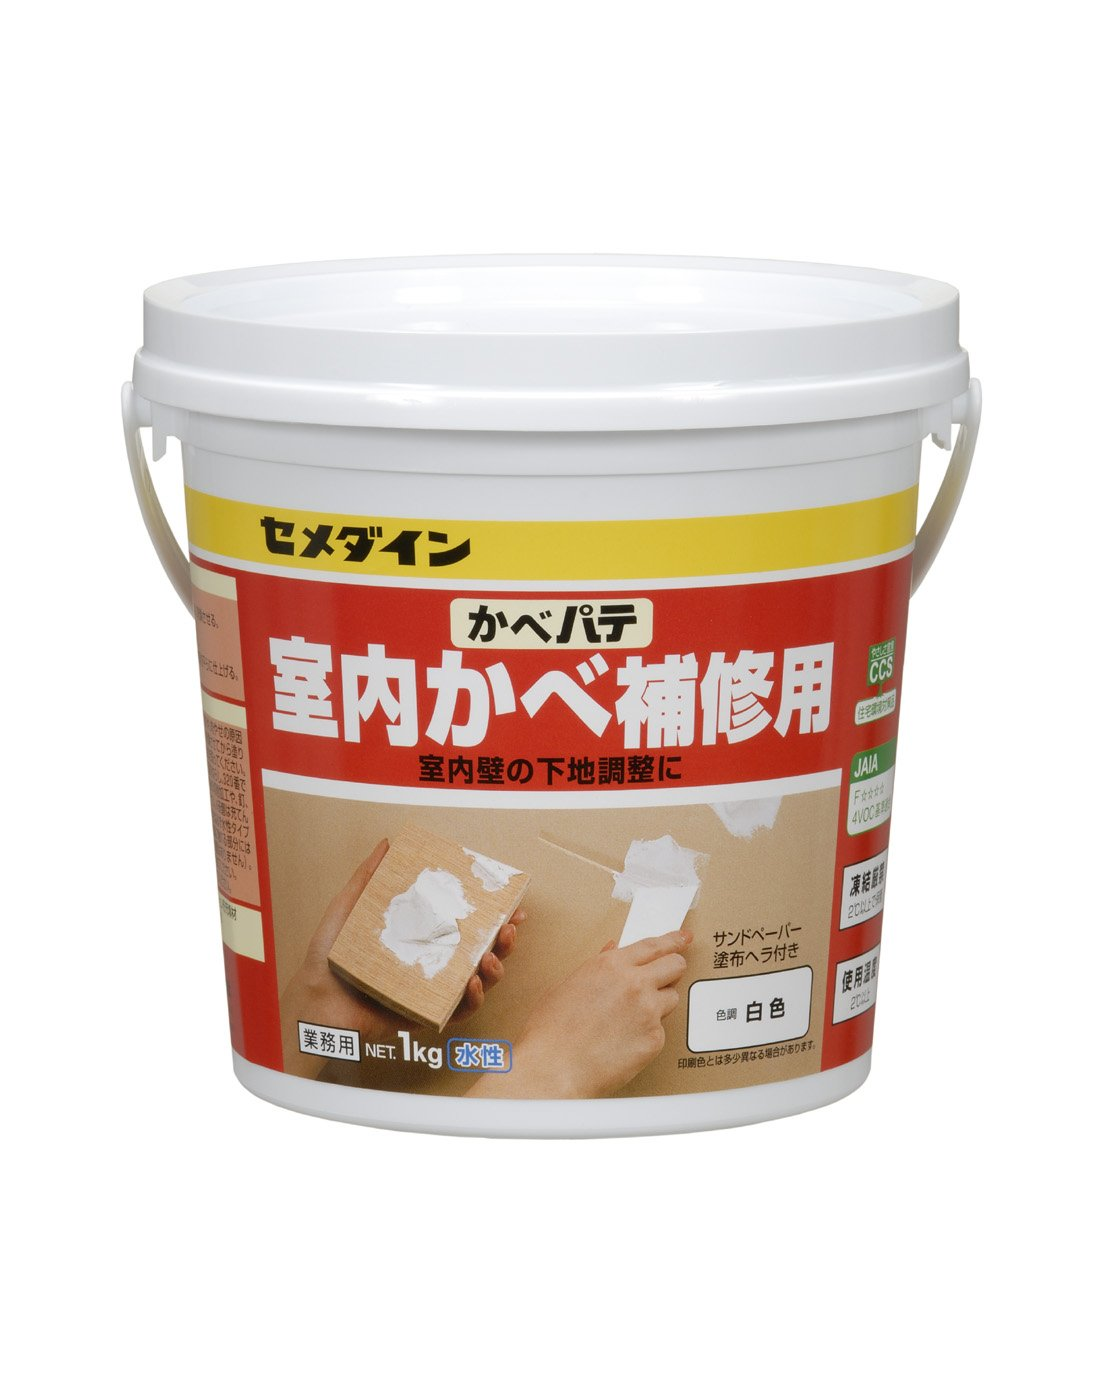 Amazon Co Jp セメダイン 室内壁補修用 かべパテ 業務用 1kg ポリ缶 Hc 158 Diy 工具 ガーデン